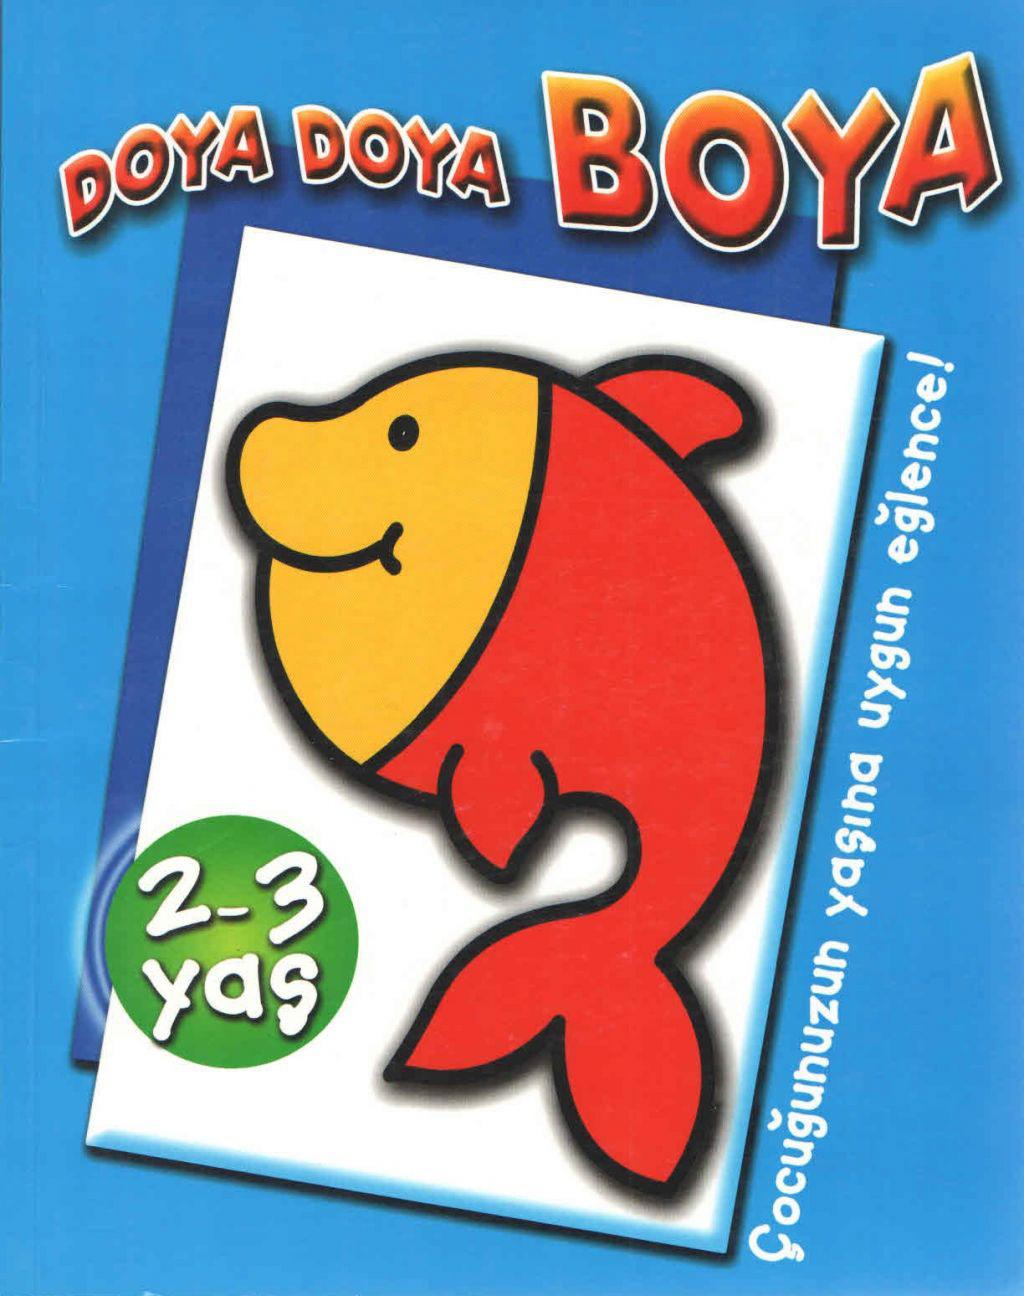 Doya Doya Boya 2 3 Yas